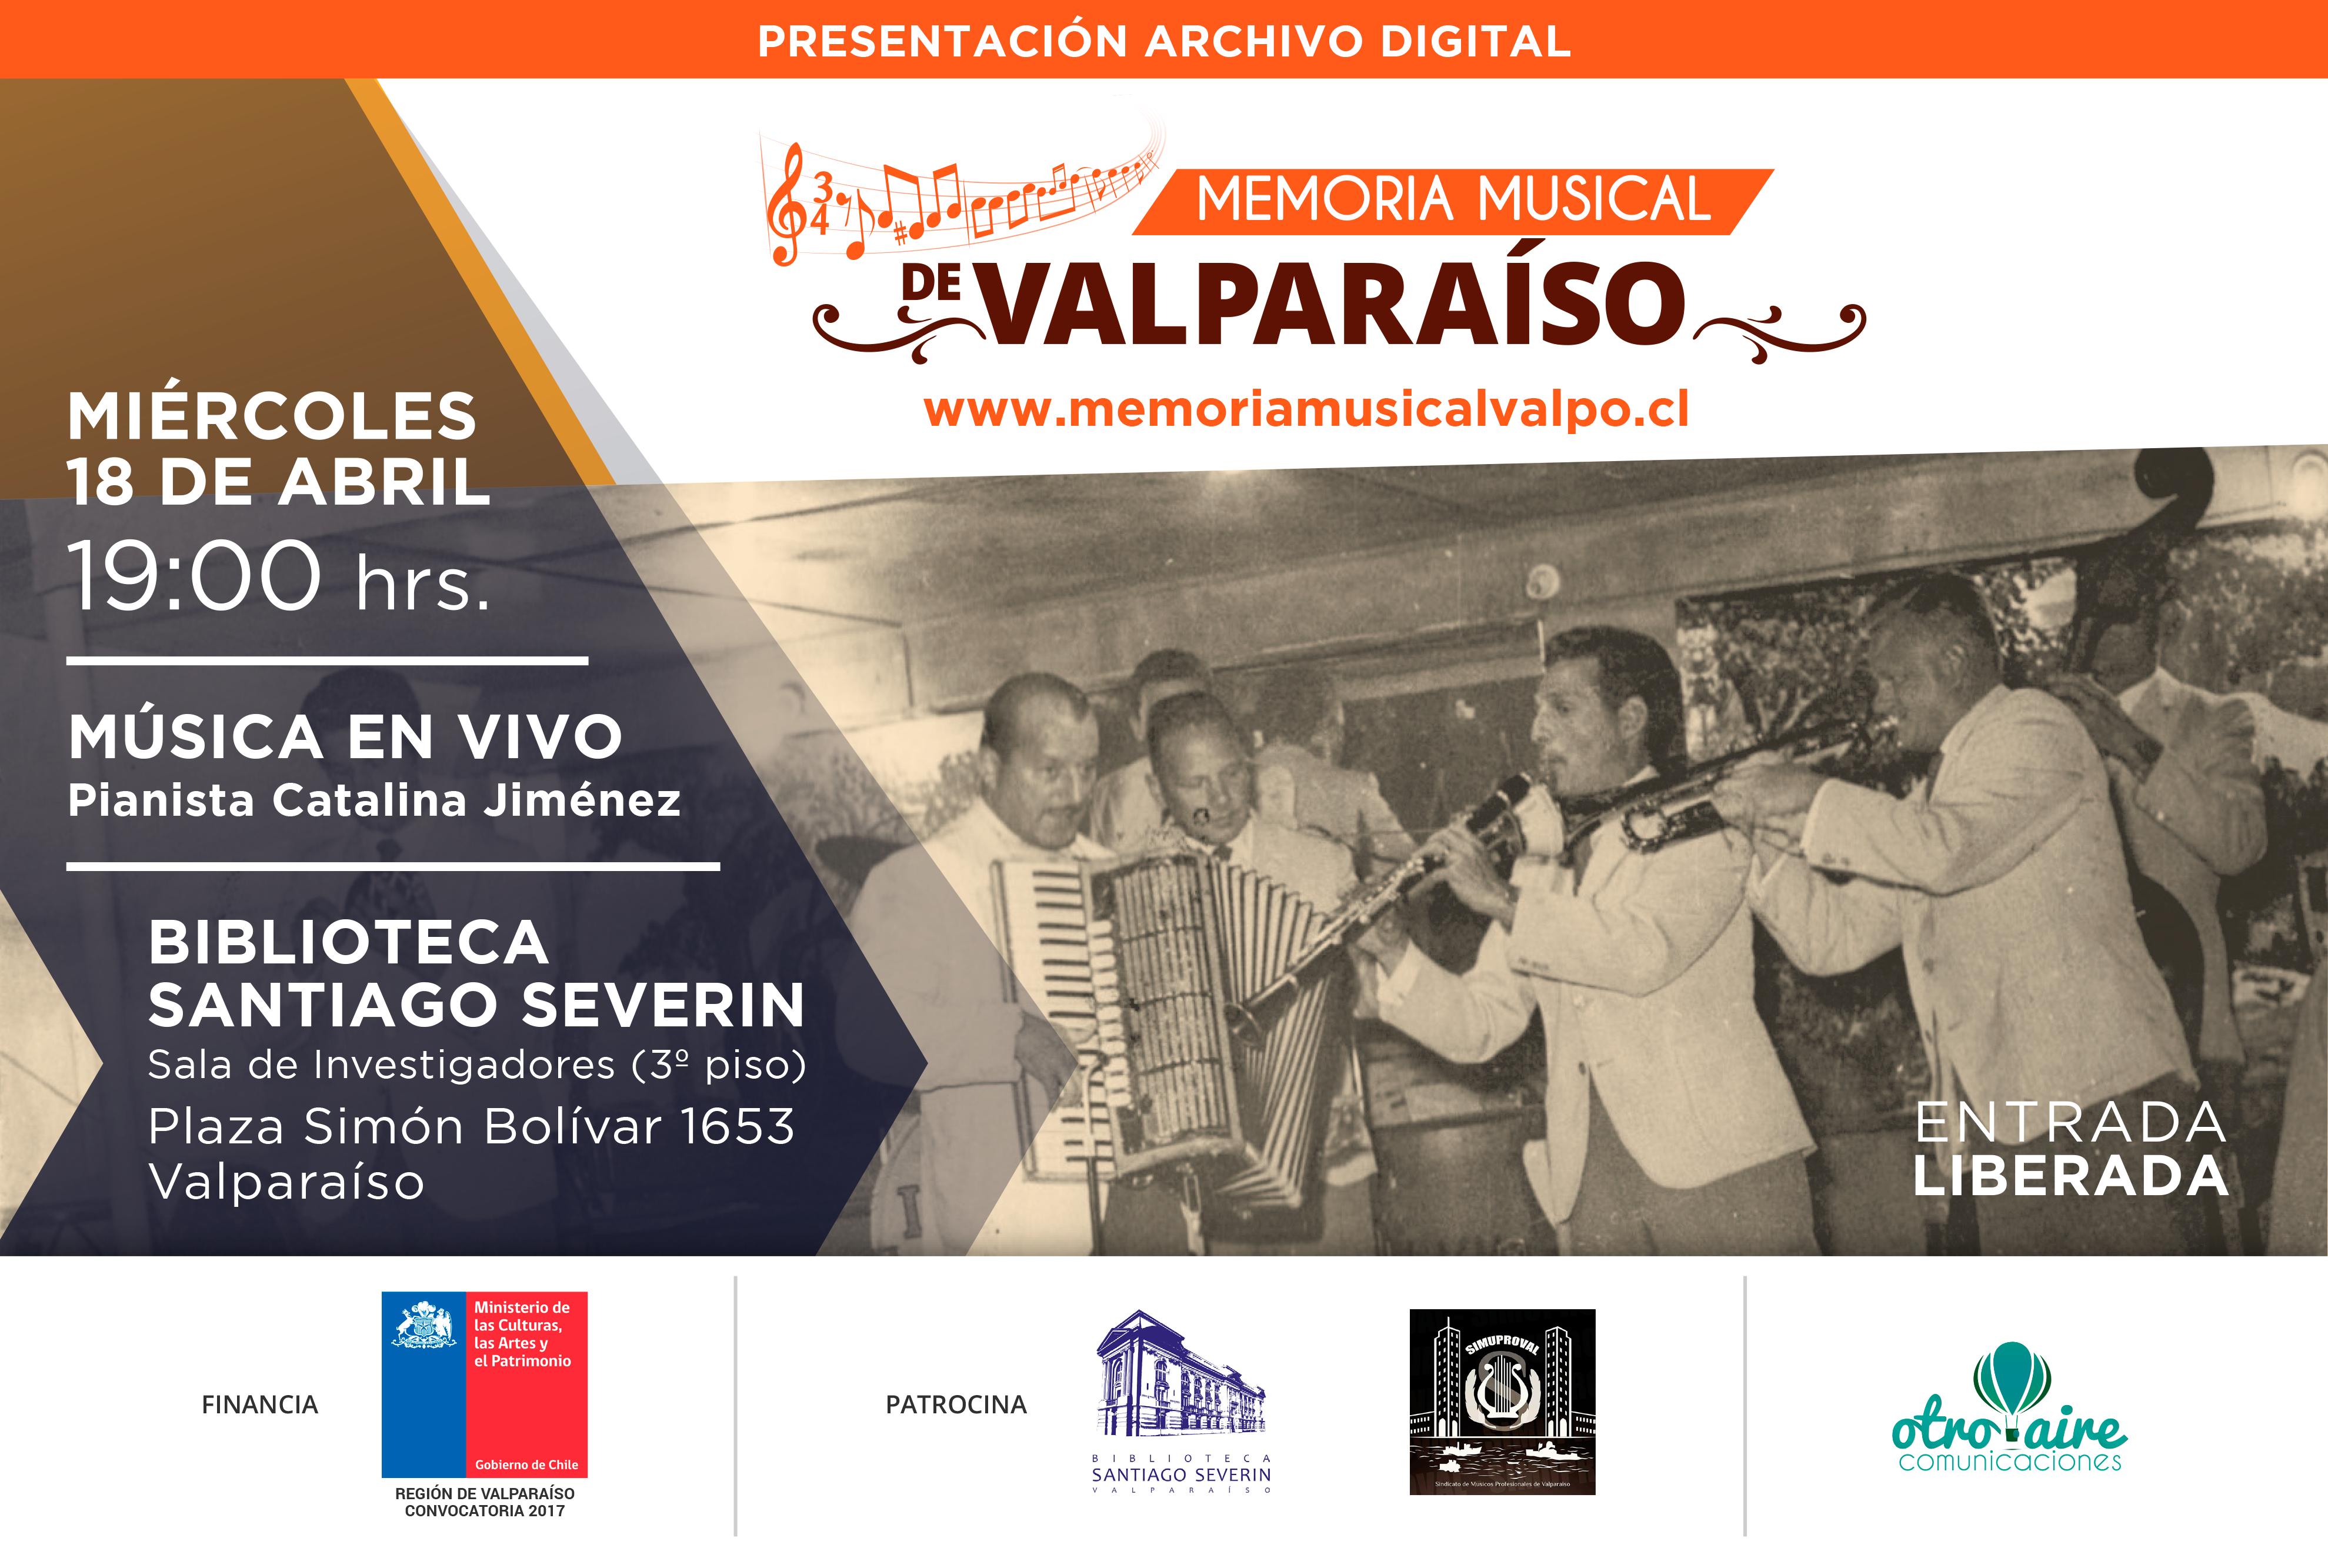 Lanzamiento Archivo Digital Sonoro de Memoria Musical de Valparaíso – 18 abril 2018